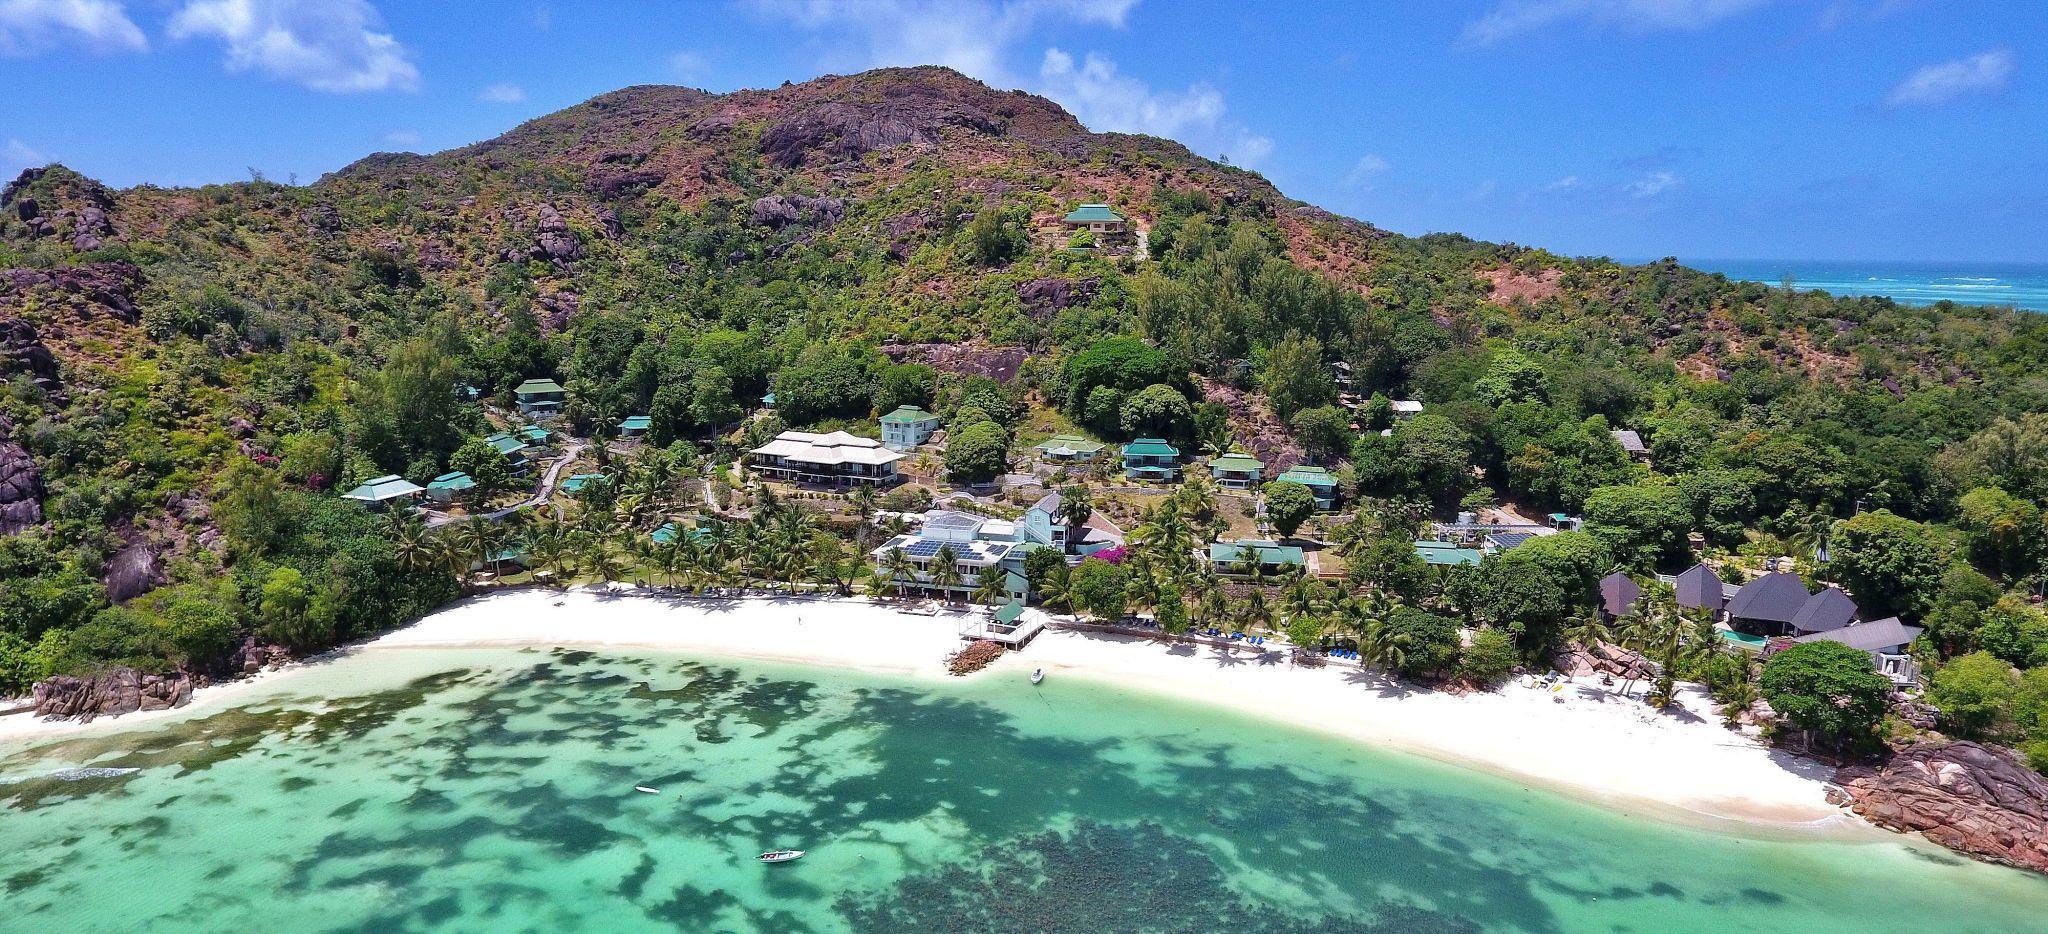 Eine Bucht auf den Seychellen mit dem Hotel L'Archipel